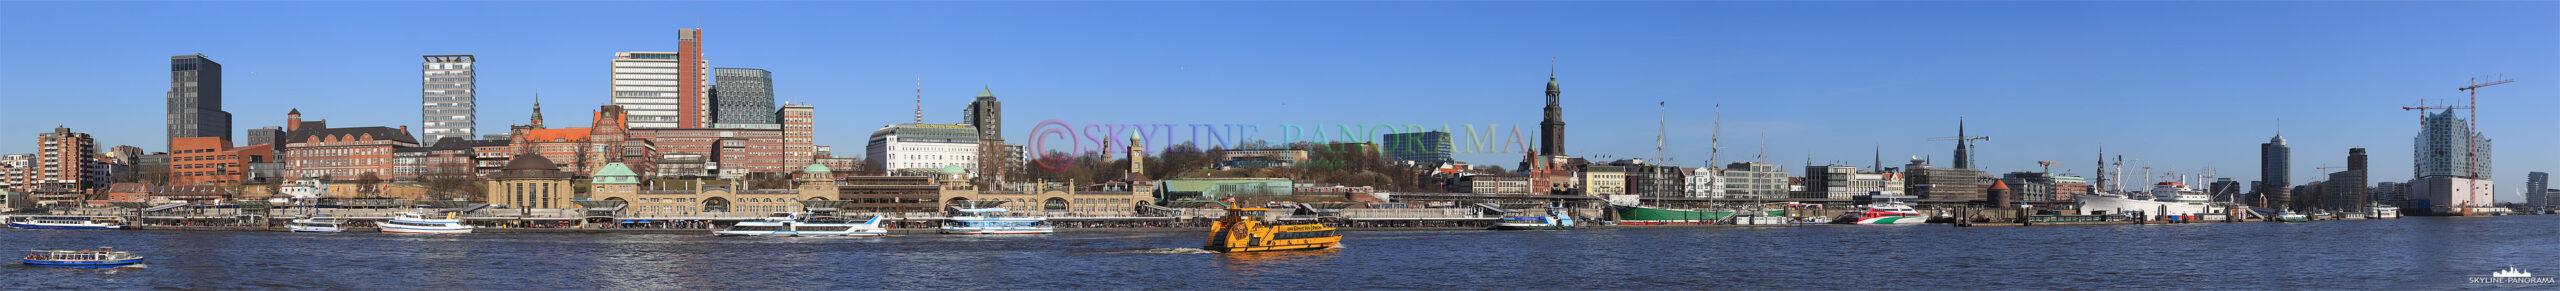 Bilder aus Hamburg - Die Hamburger Skyline am Tag mit den Landungsbrücken, dem Pegelturm, dem Michel bis hin zur Elbphilharmonie.